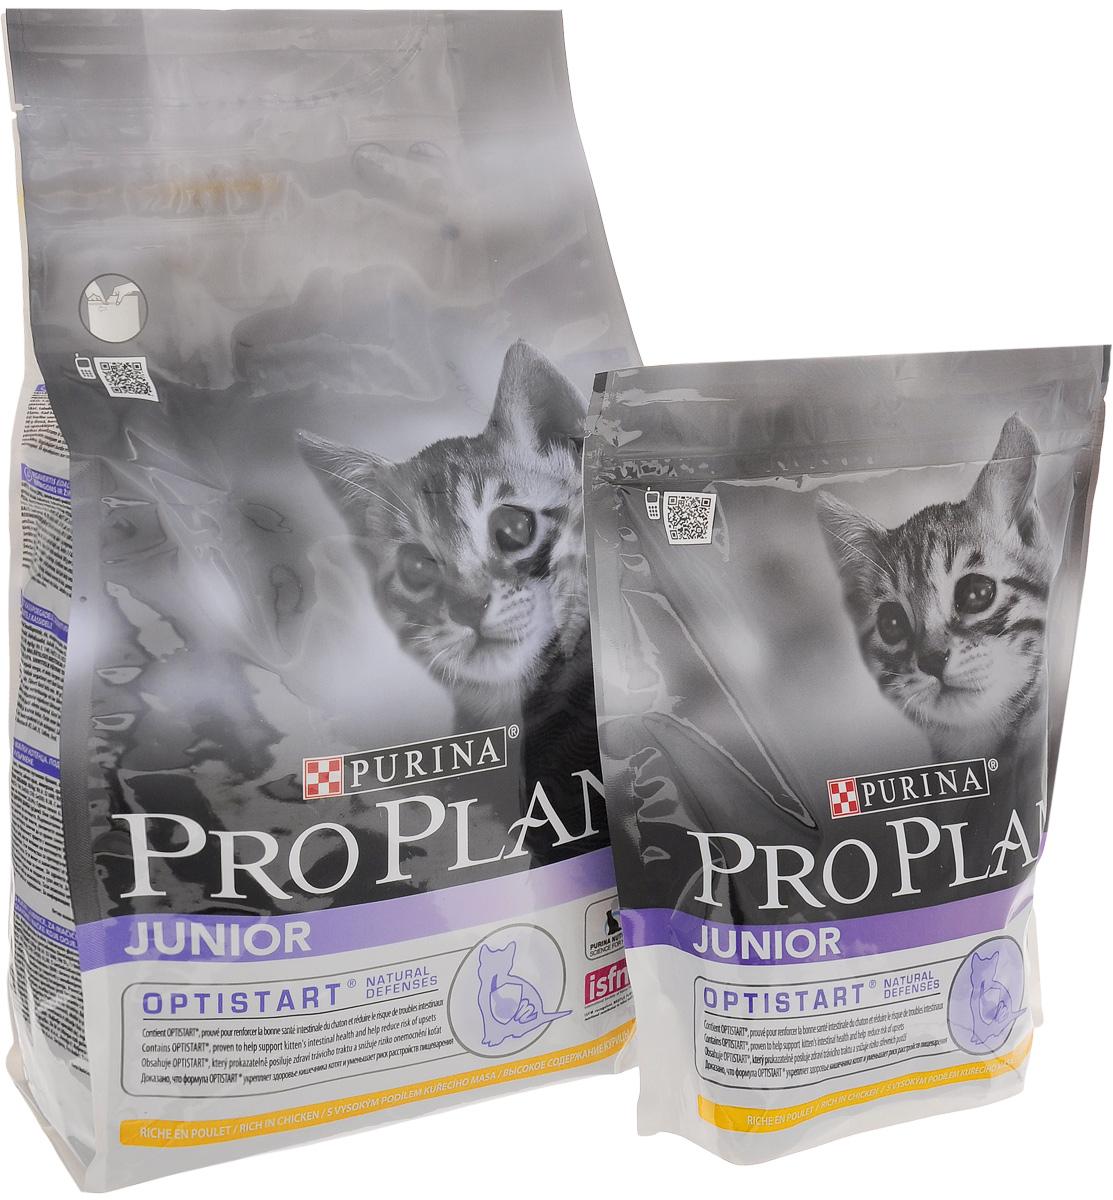 Корм сухой Pro Plan Junior Optistart для котят, с курицей, 1,5 кг + Корм сухой Pro Plan Junior Optistart для котят, с курицей, 400 г12275546Сухой корм Pro Plan Junior Optistart - это полноценный рацион для котят от 6 недель до 1 года. Он содержит особую разработанную с участием ученых комбинацию ингредиентов для поддержания здоровья вашего питомца в течение продолжительного времени. Особенности сухого корма: укрепляет здоровье кишечника котят и уменьшает риск расстройств пищеварения,усиливает иммунную систему благодаря молозиву, богатому антителами,поддерживает здоровый рост костей и мускулатуры,помогает поддерживать здоровое развитие мозга и зрения.Анализ: белок 40%, жир 20%, сырая зола 6,5%, сырая клетчатка 0,5%.Добавки на кг: витамин А 36 400, витамин D3 1180, витамин Е 750 мг/кг, железо 335, йод 4, медь 68, марганец 160, цинк: 570, селен 0,38 мг/кг.Товар сертифицирован.